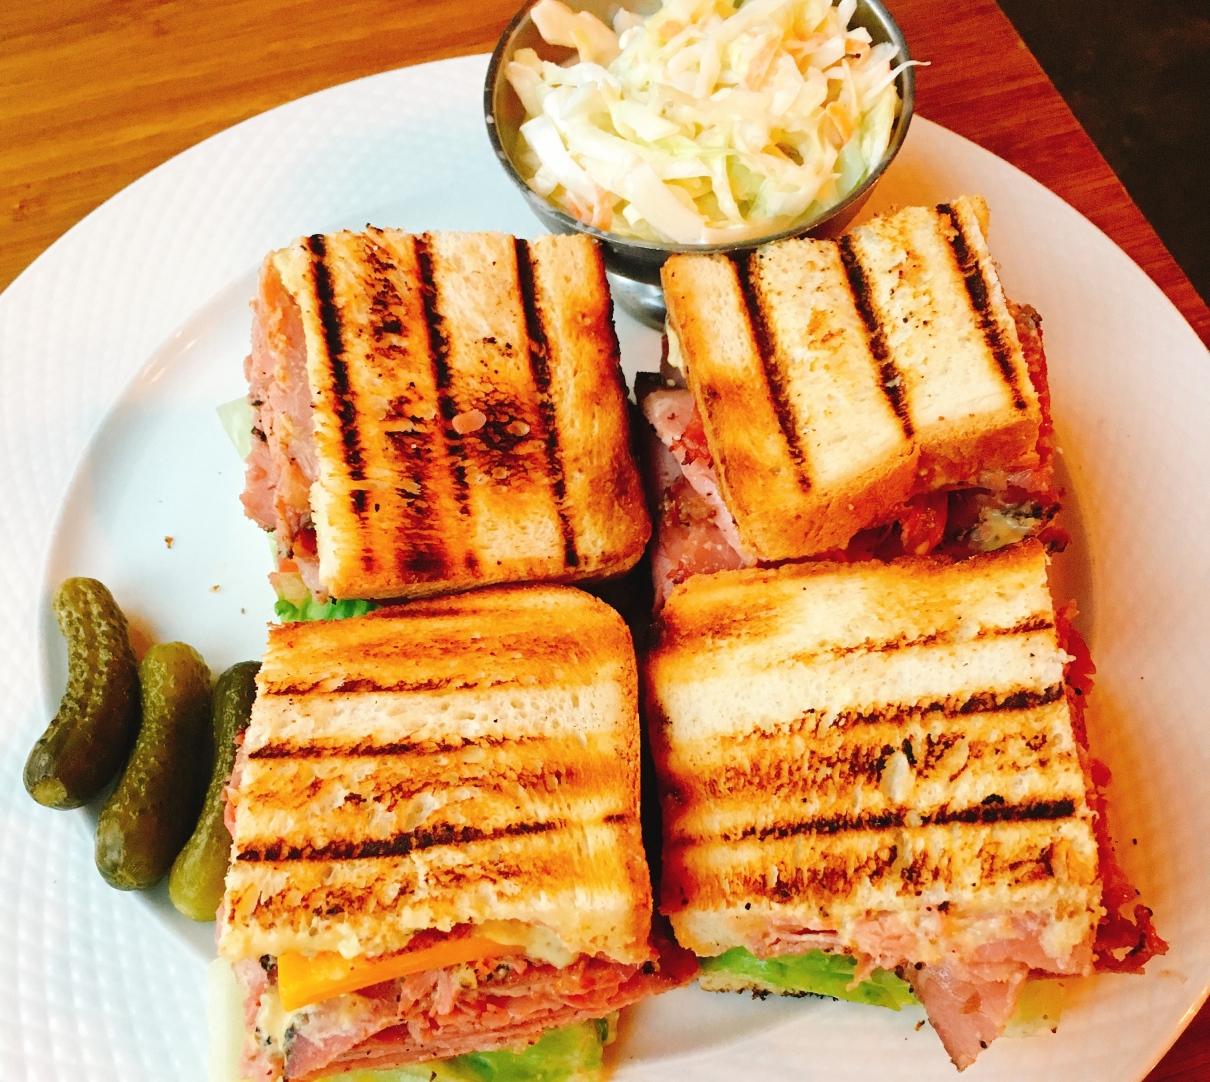 R & R Diner - Jerusalem - Not Kosher - Reuben Sandwich